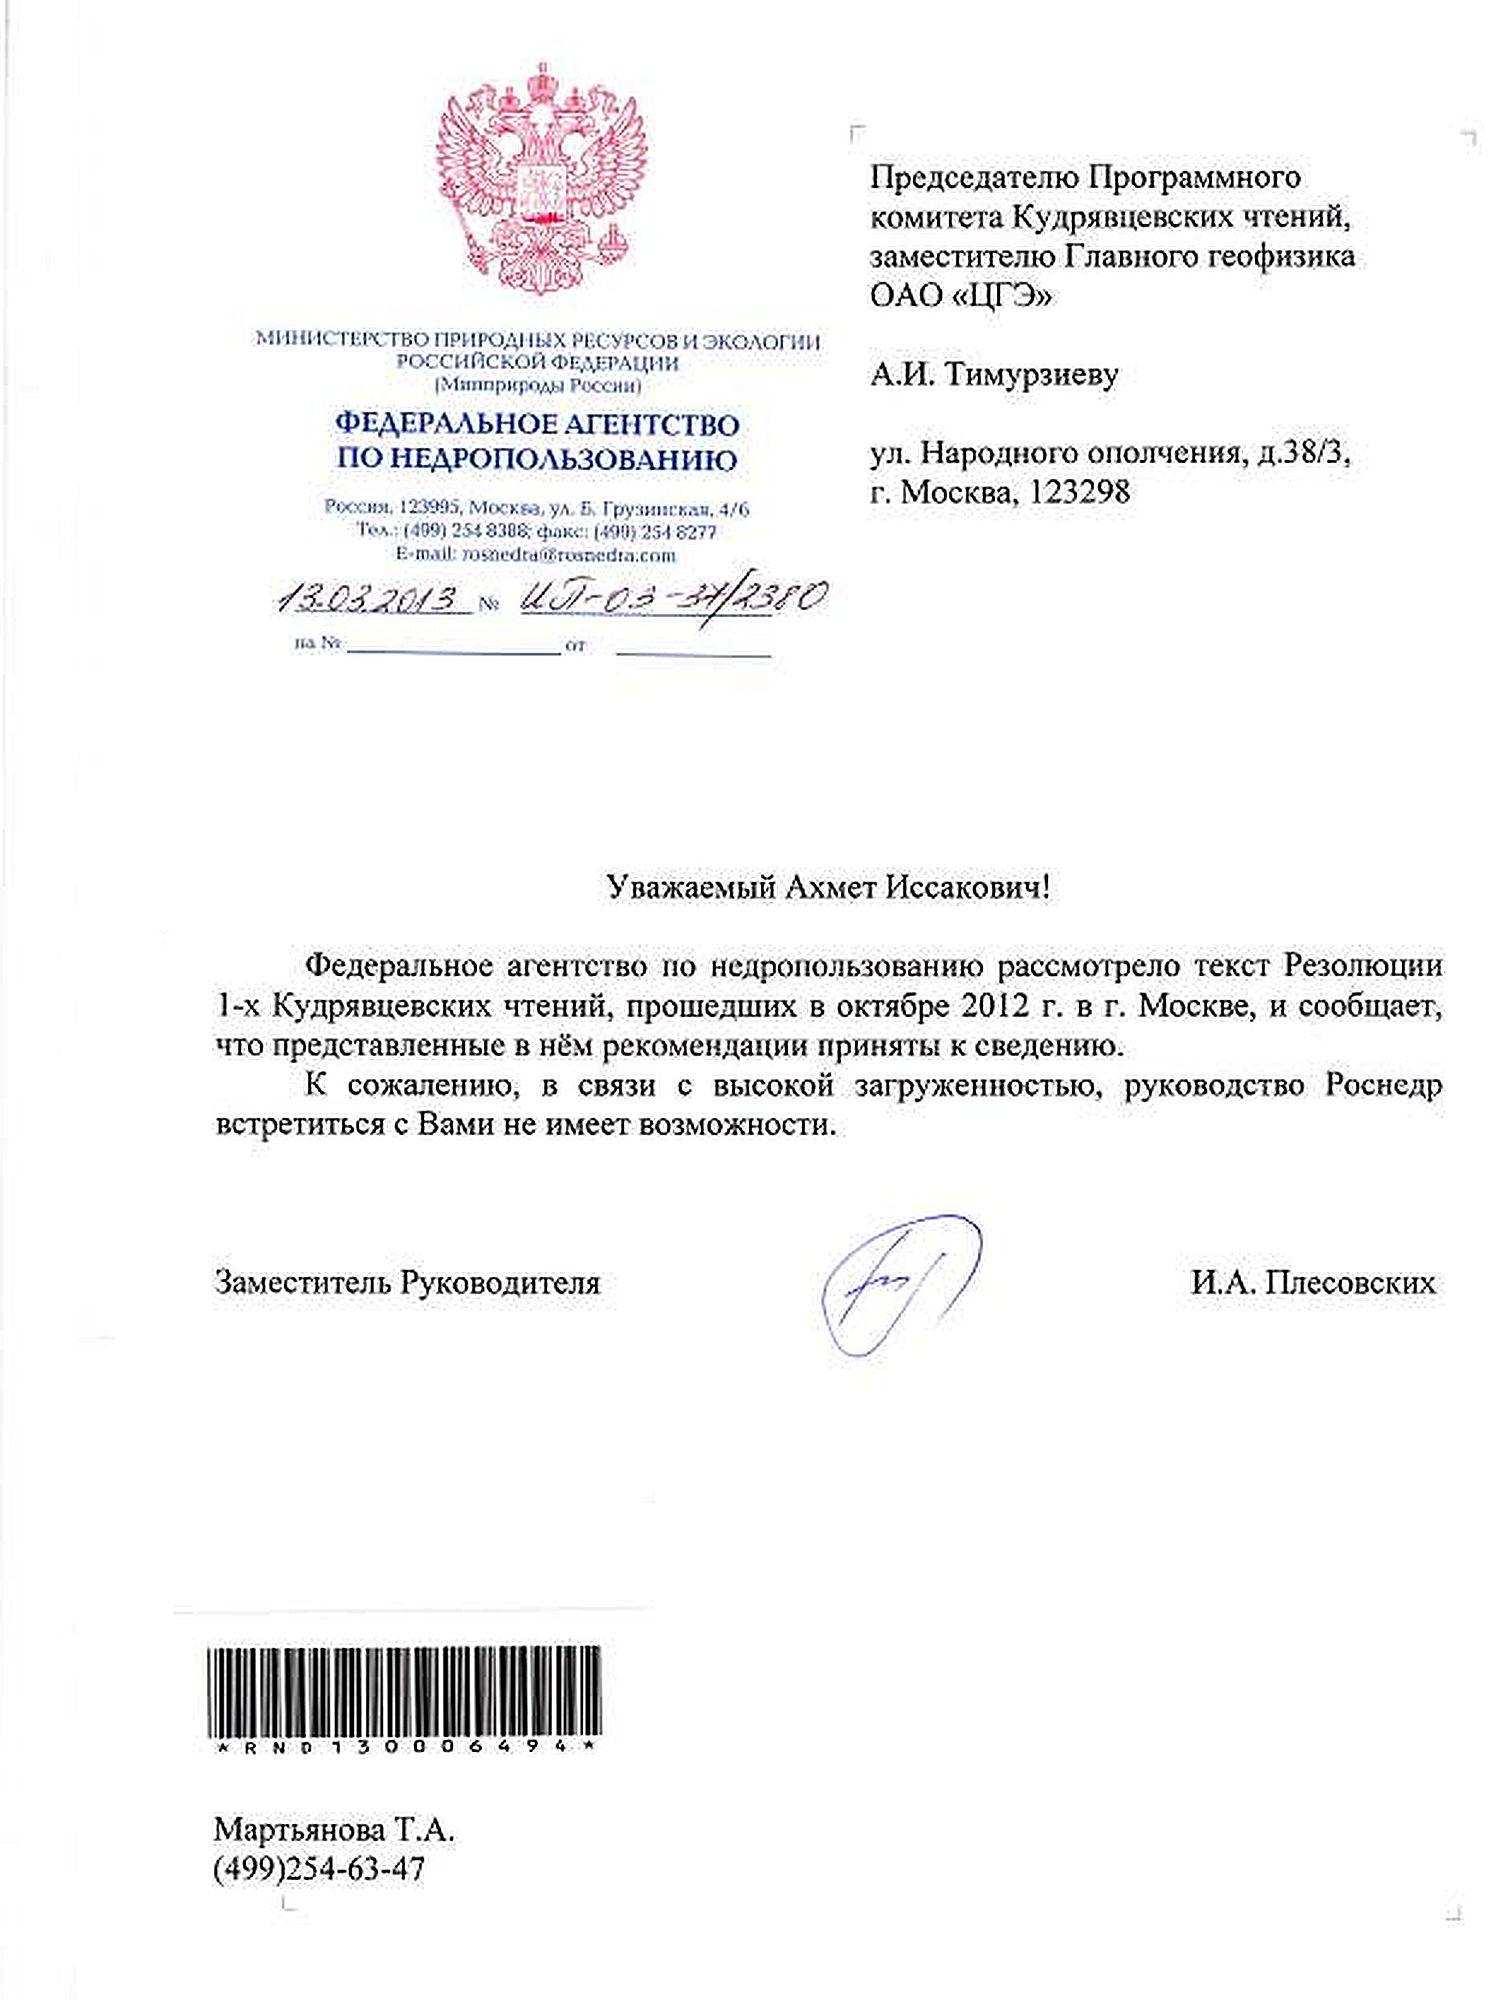 Ответ заместителя руководителя Федерального агентства по недропользованию И.А. Плесковских на резолюцию 1-х Кудрявцевских чтений (2012 г.)